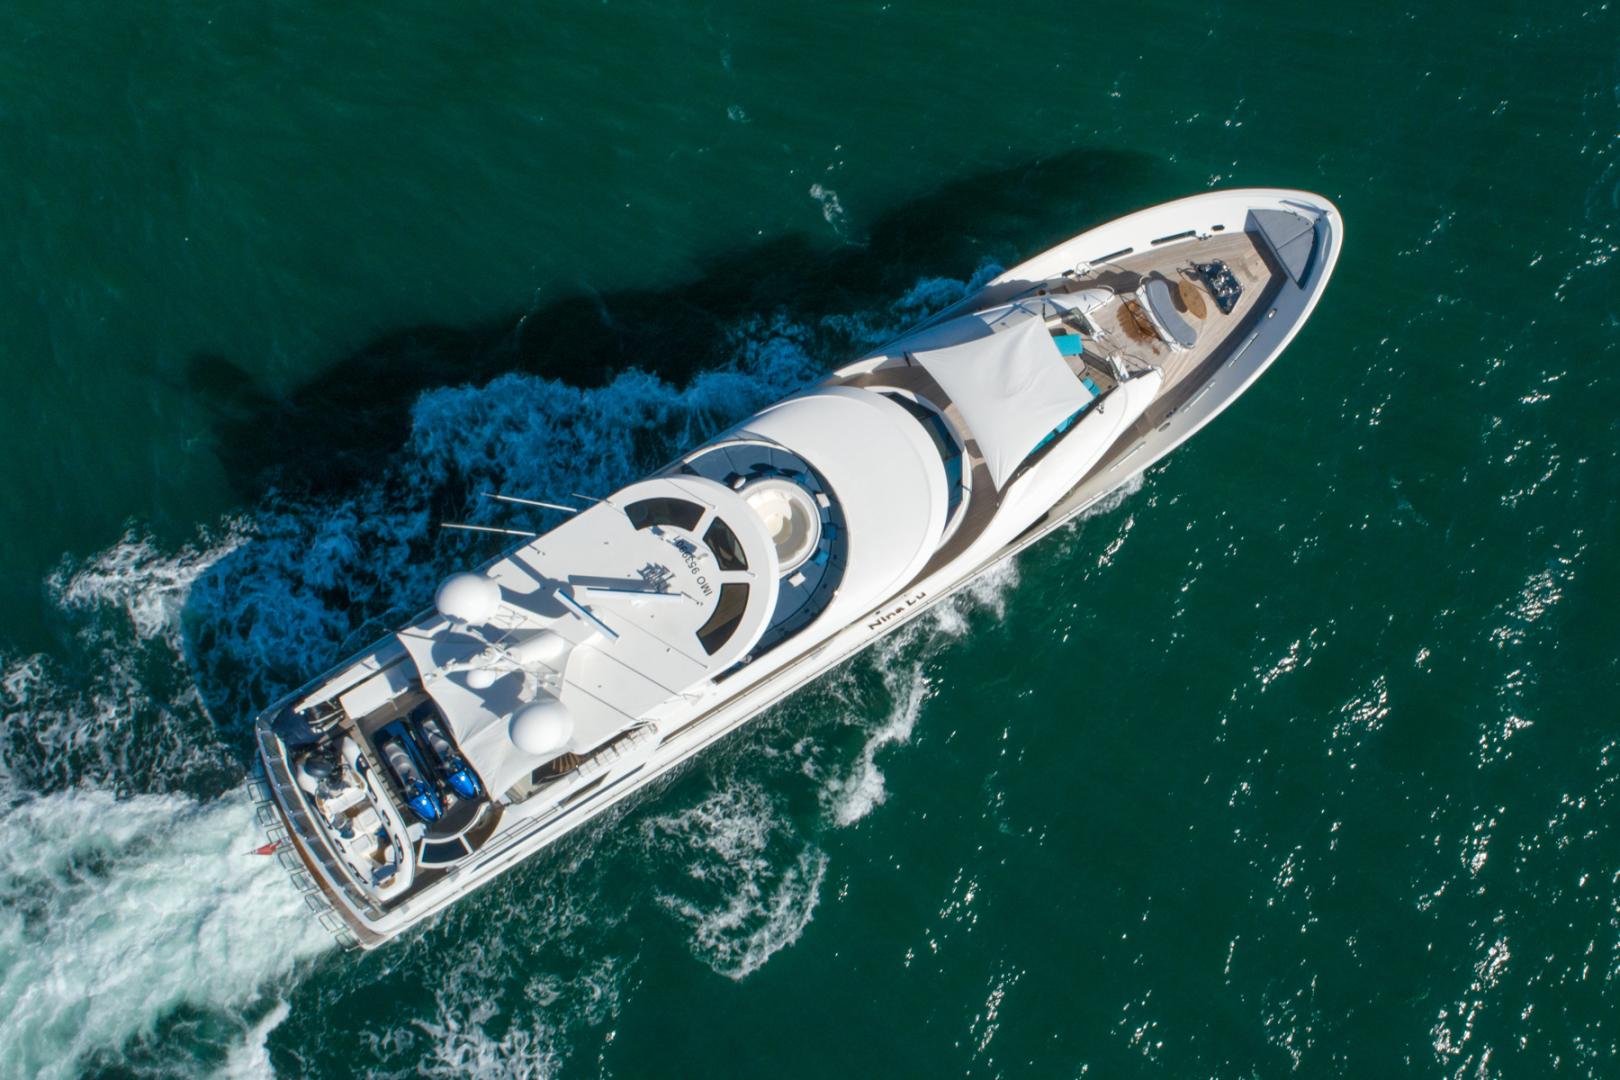 Westport-Westport 40 meter 2011-NINA LU Dania Beach-Florida-United States-1354300 | Thumbnail